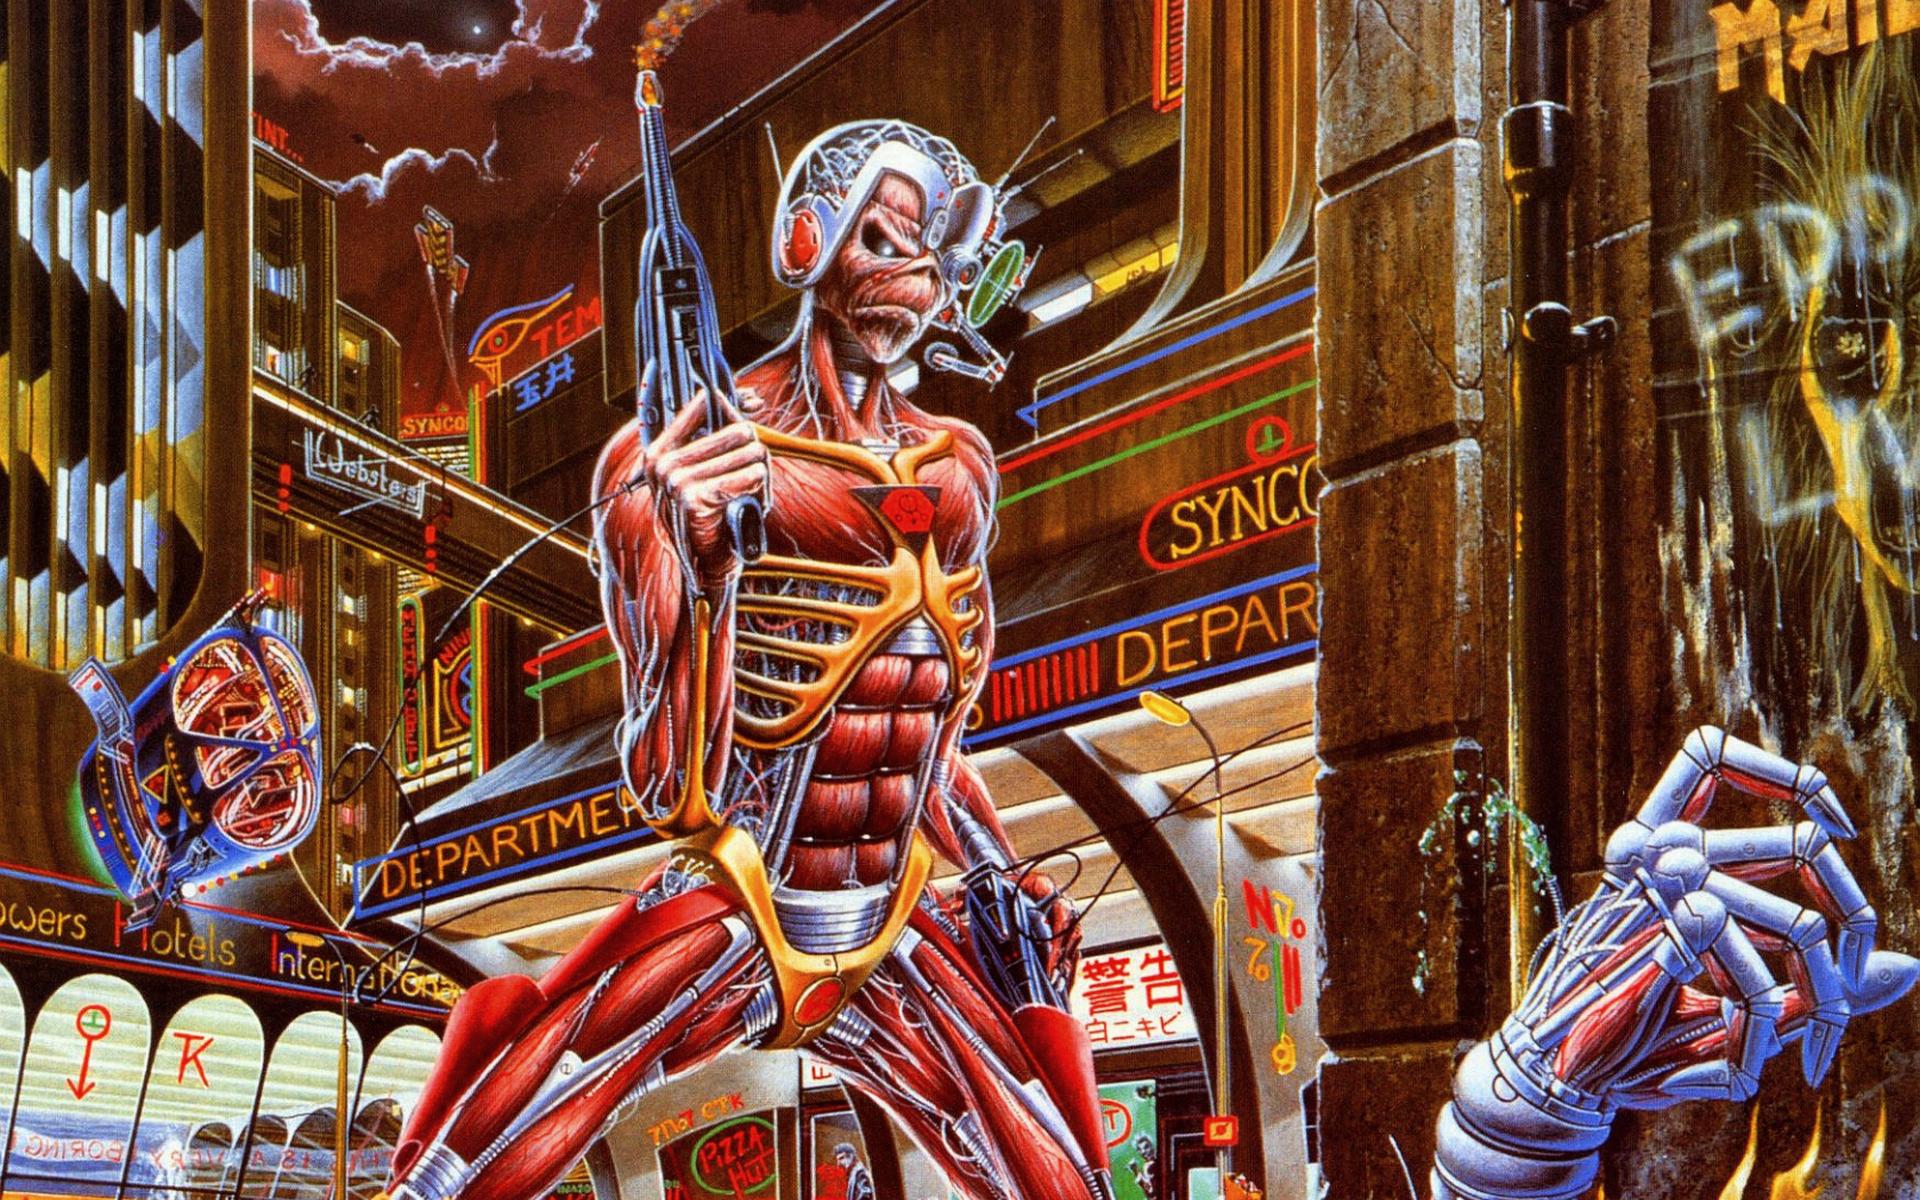 Iron Maiden The Italian Job